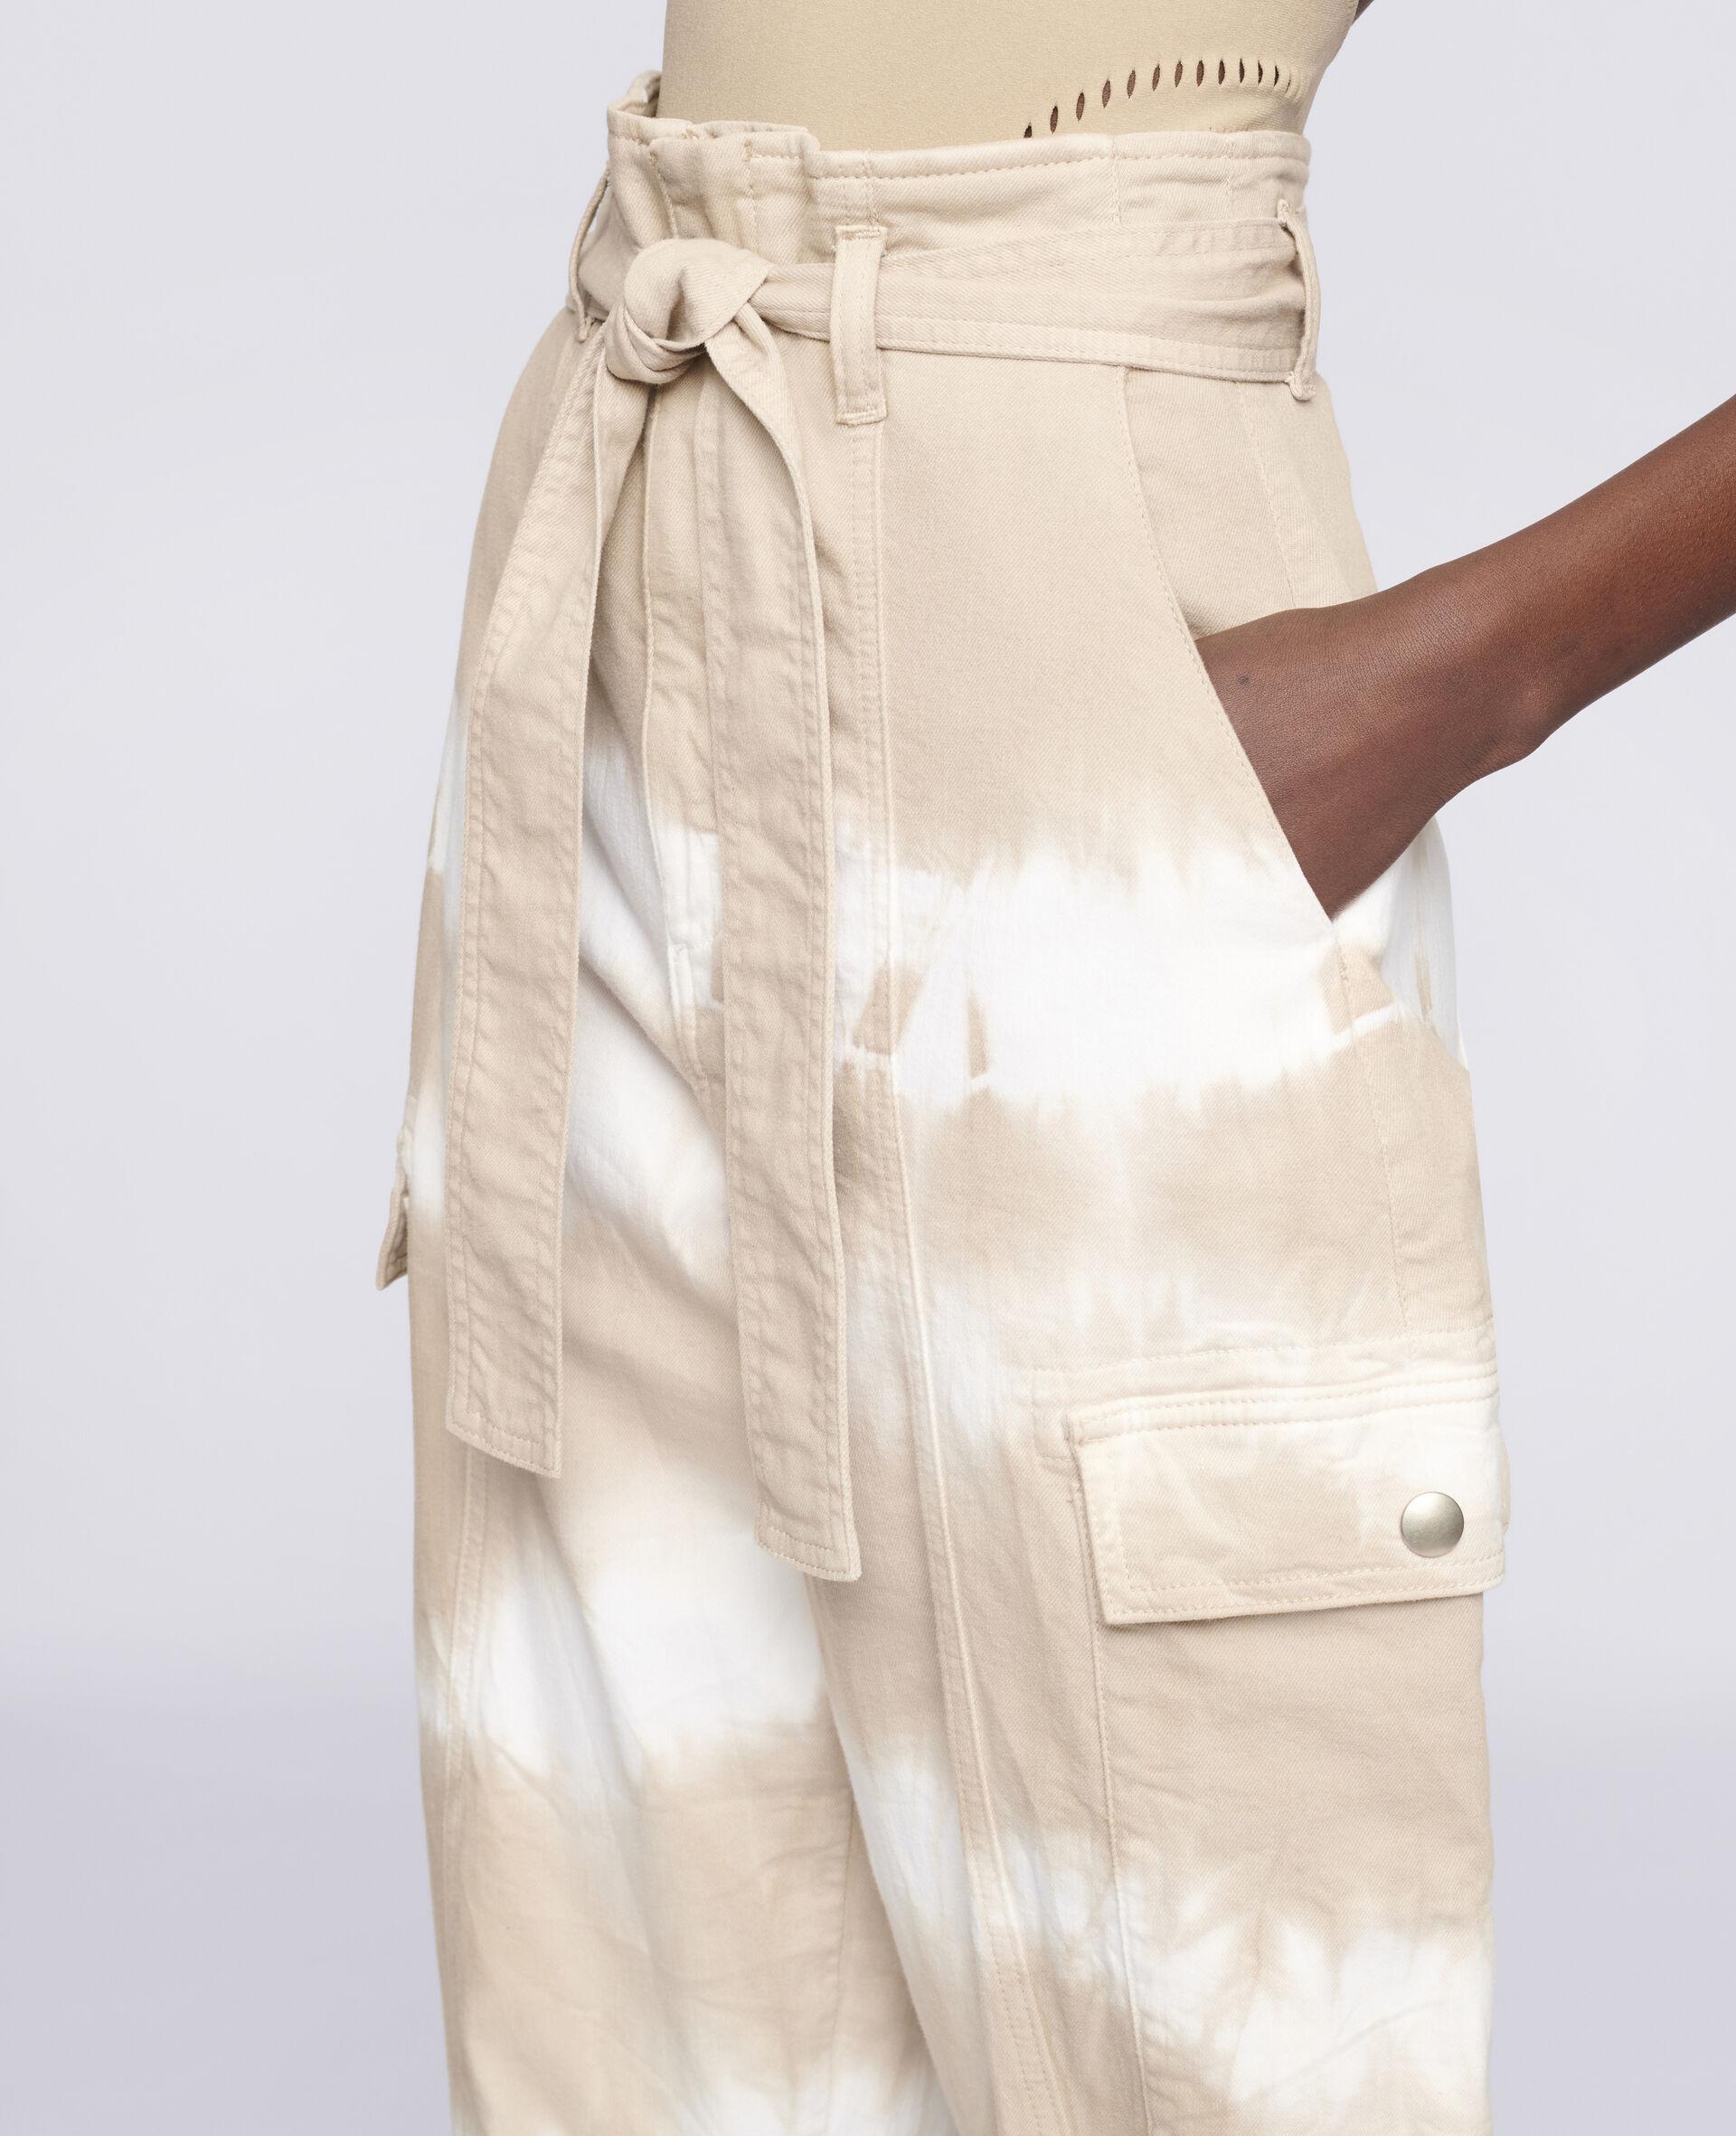 Tie-Dye Denim Trousers-Beige-large image number 3